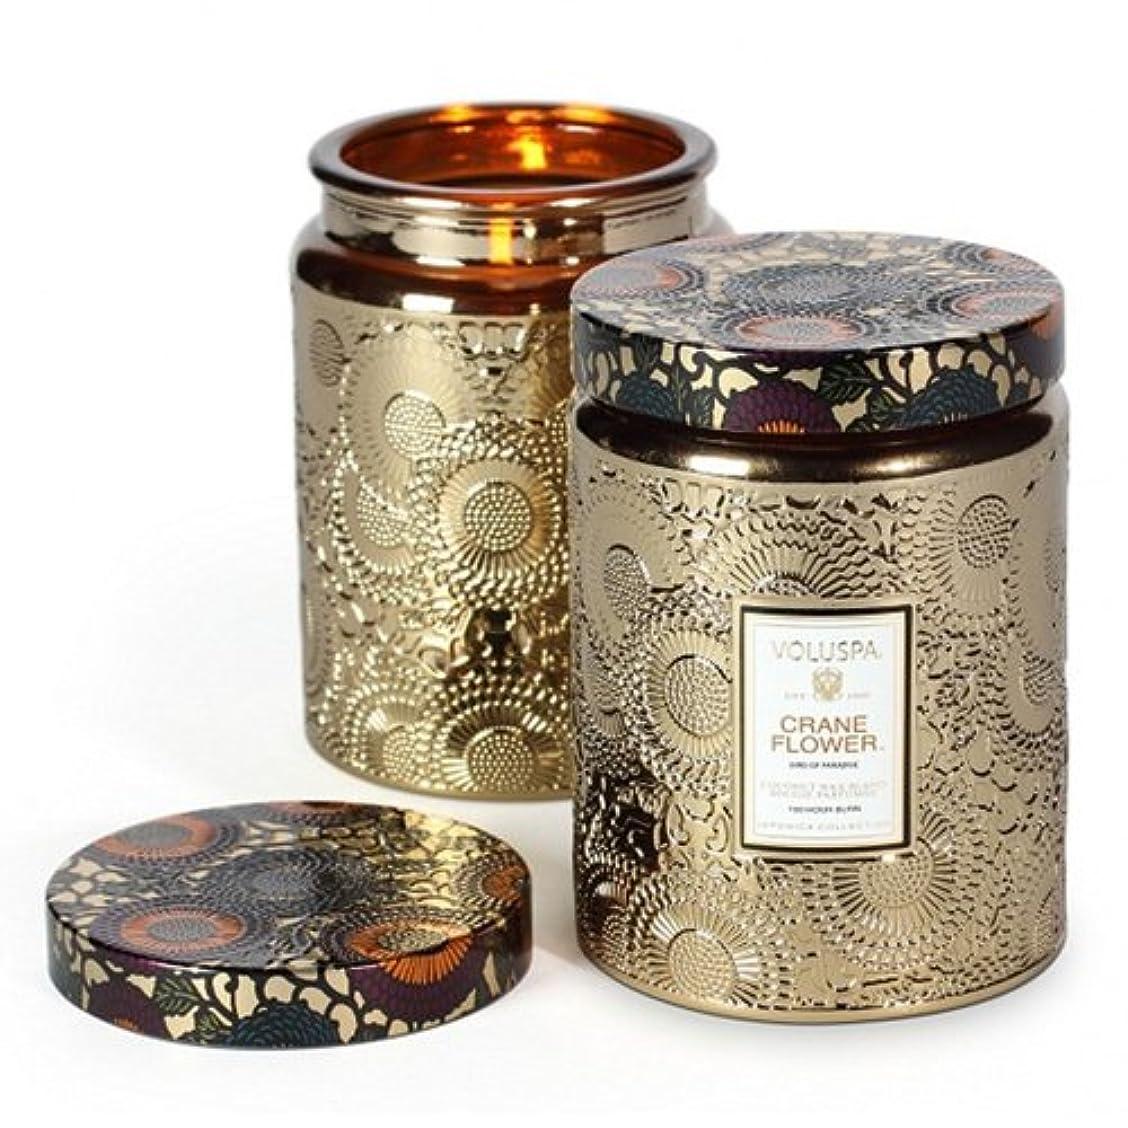 冷凍庫除外する脳Voluspa ボルスパ ジャポニカ グラスジャーキャンドル L クレーンフラワー JAPONICA Glass jar candle CRANE FLOWER